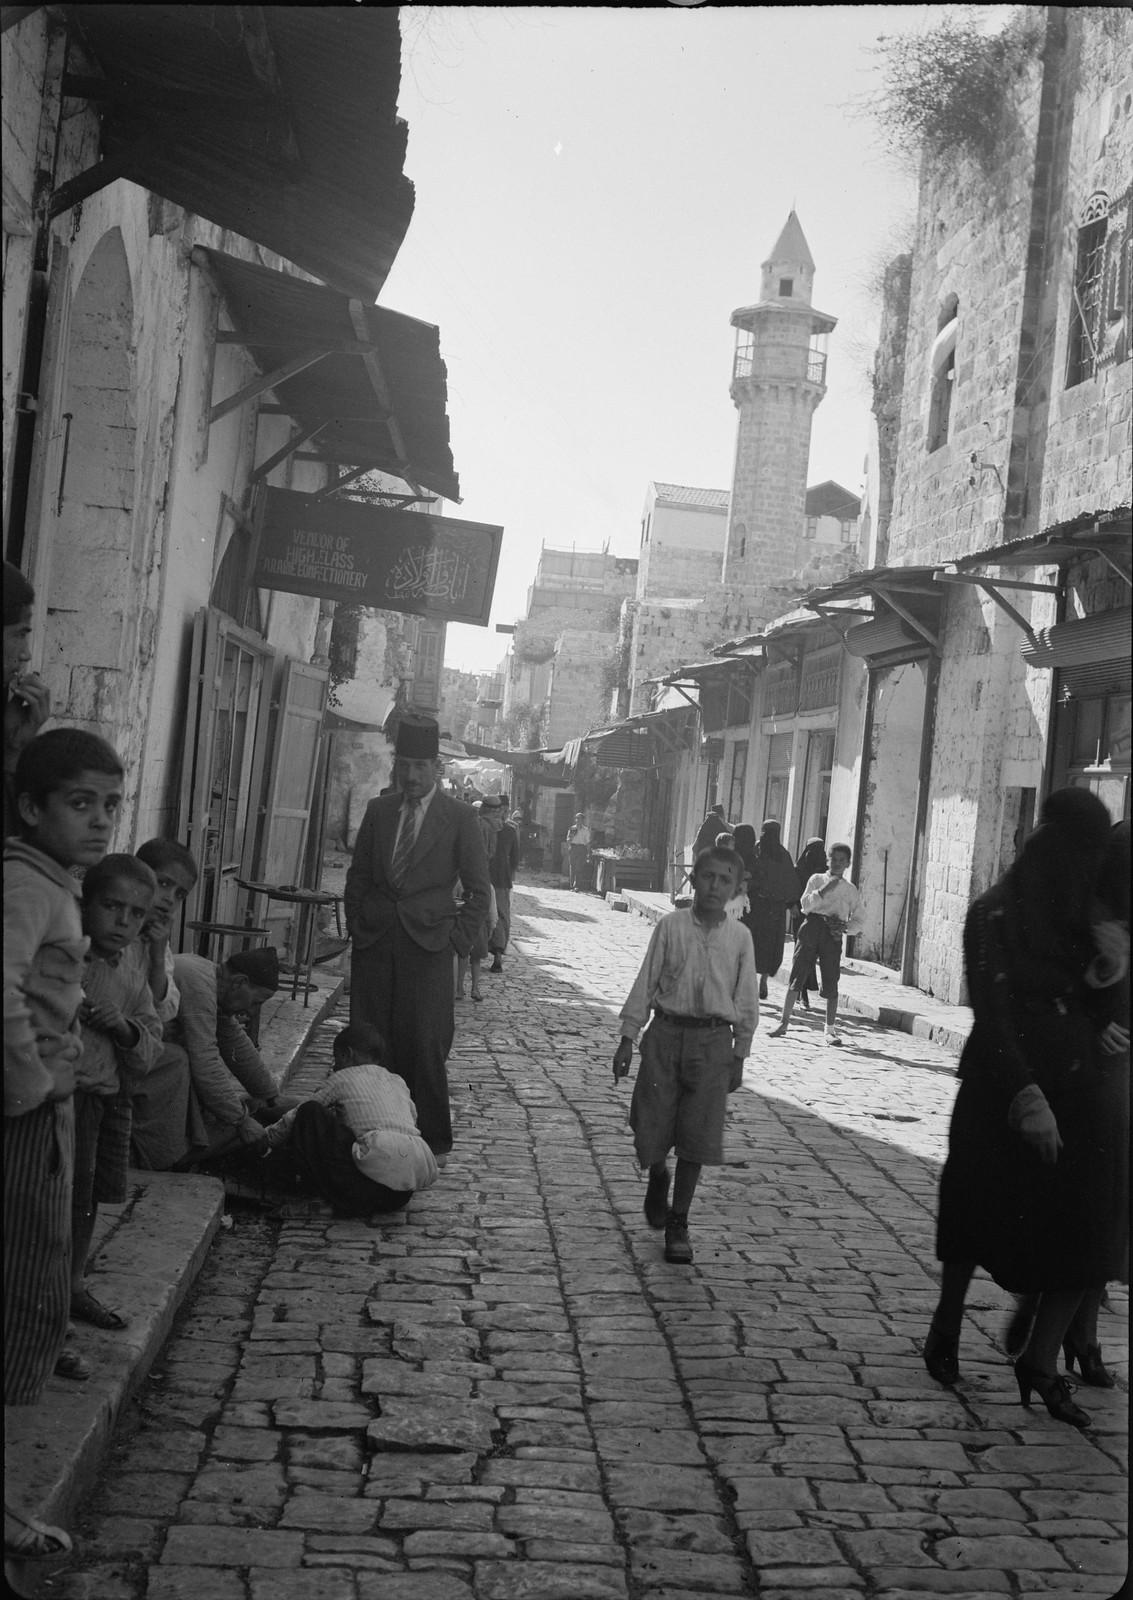 14. 1940. Шхем. Улица в старом городе и вид новой мечети